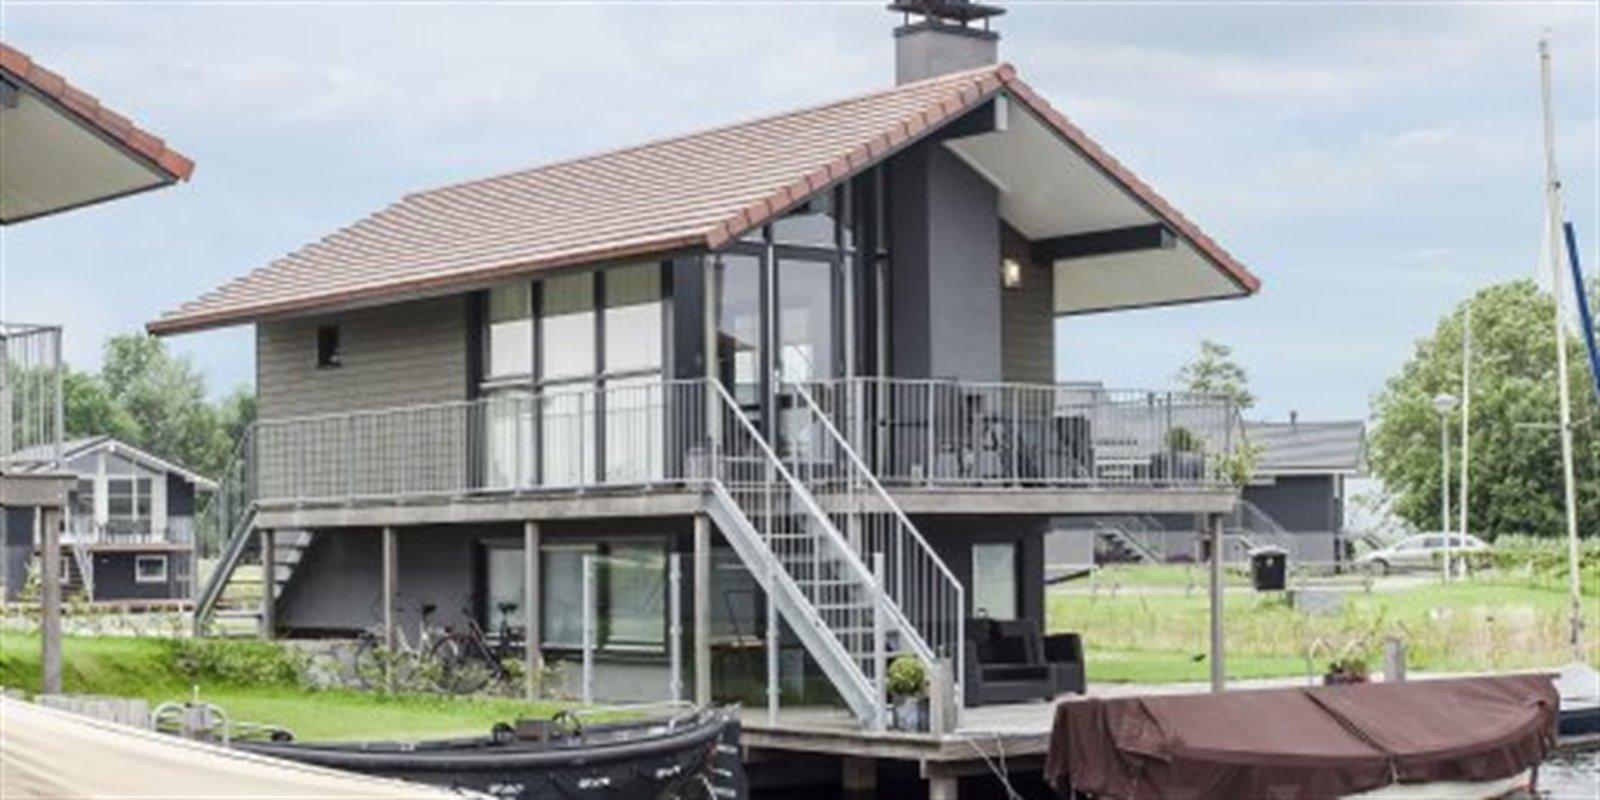 Landal Waterpark Sneekermeer | 4-Pers.-Ferienha...